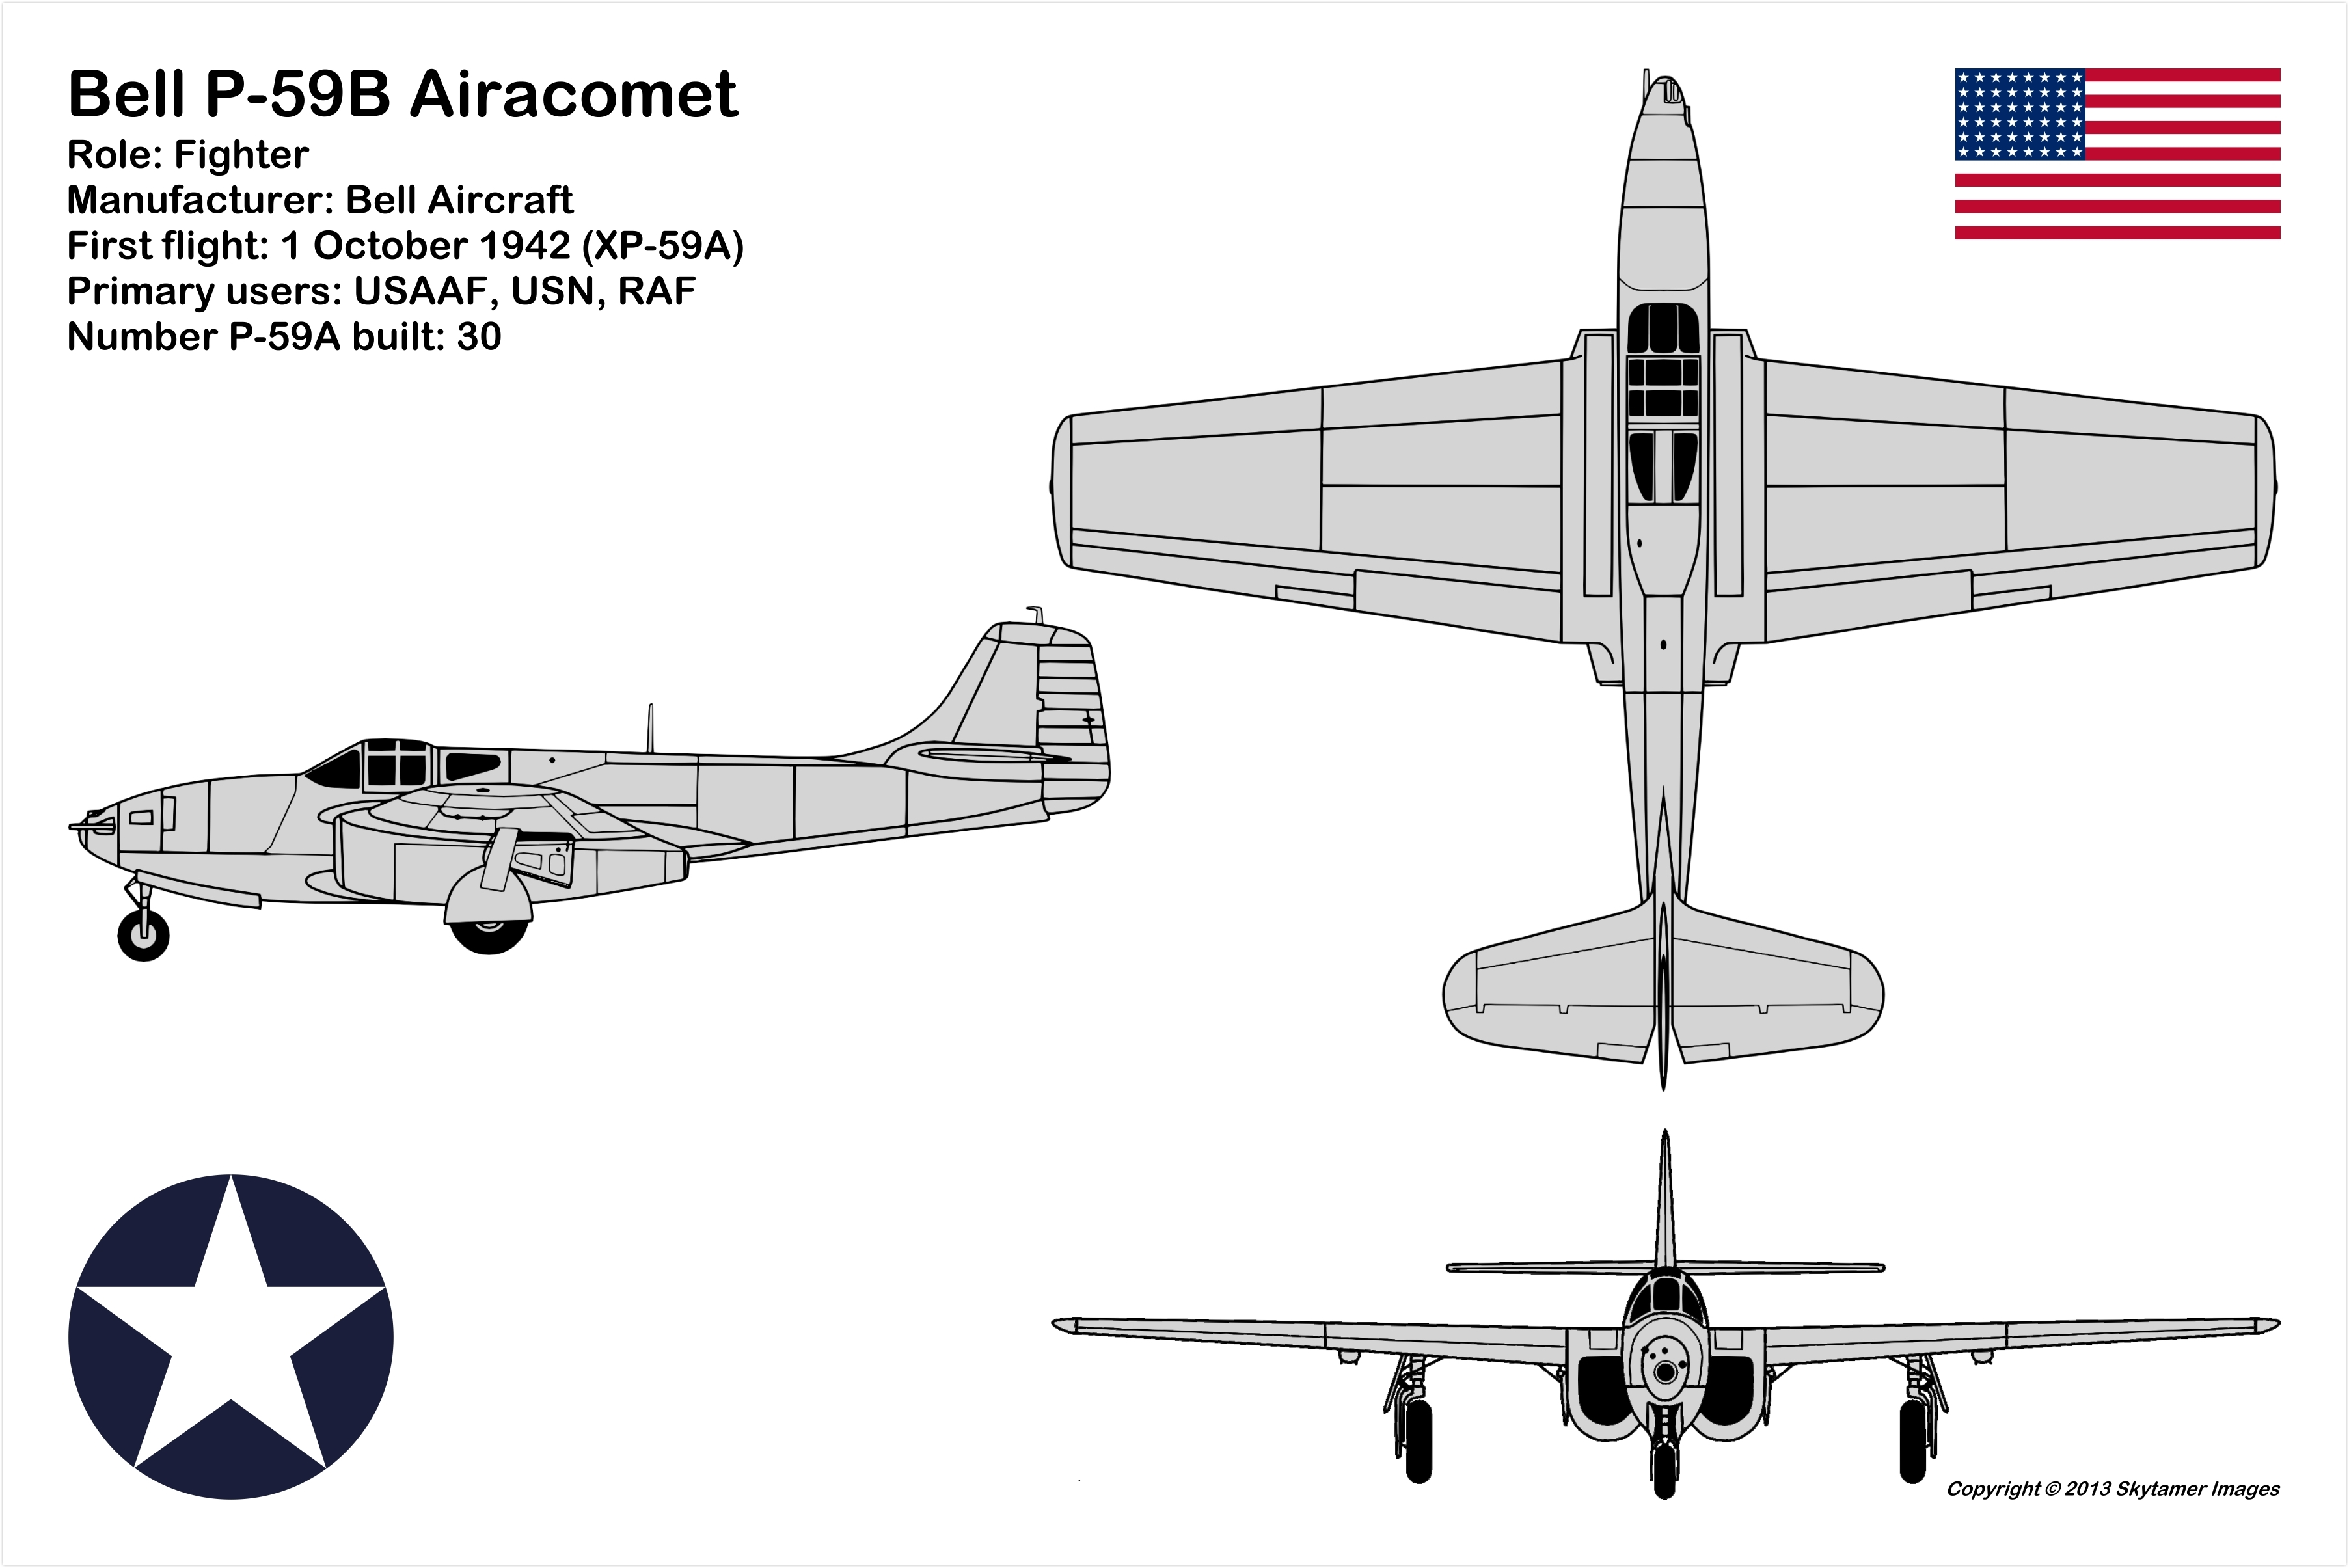 3 View Aircraft Drawings